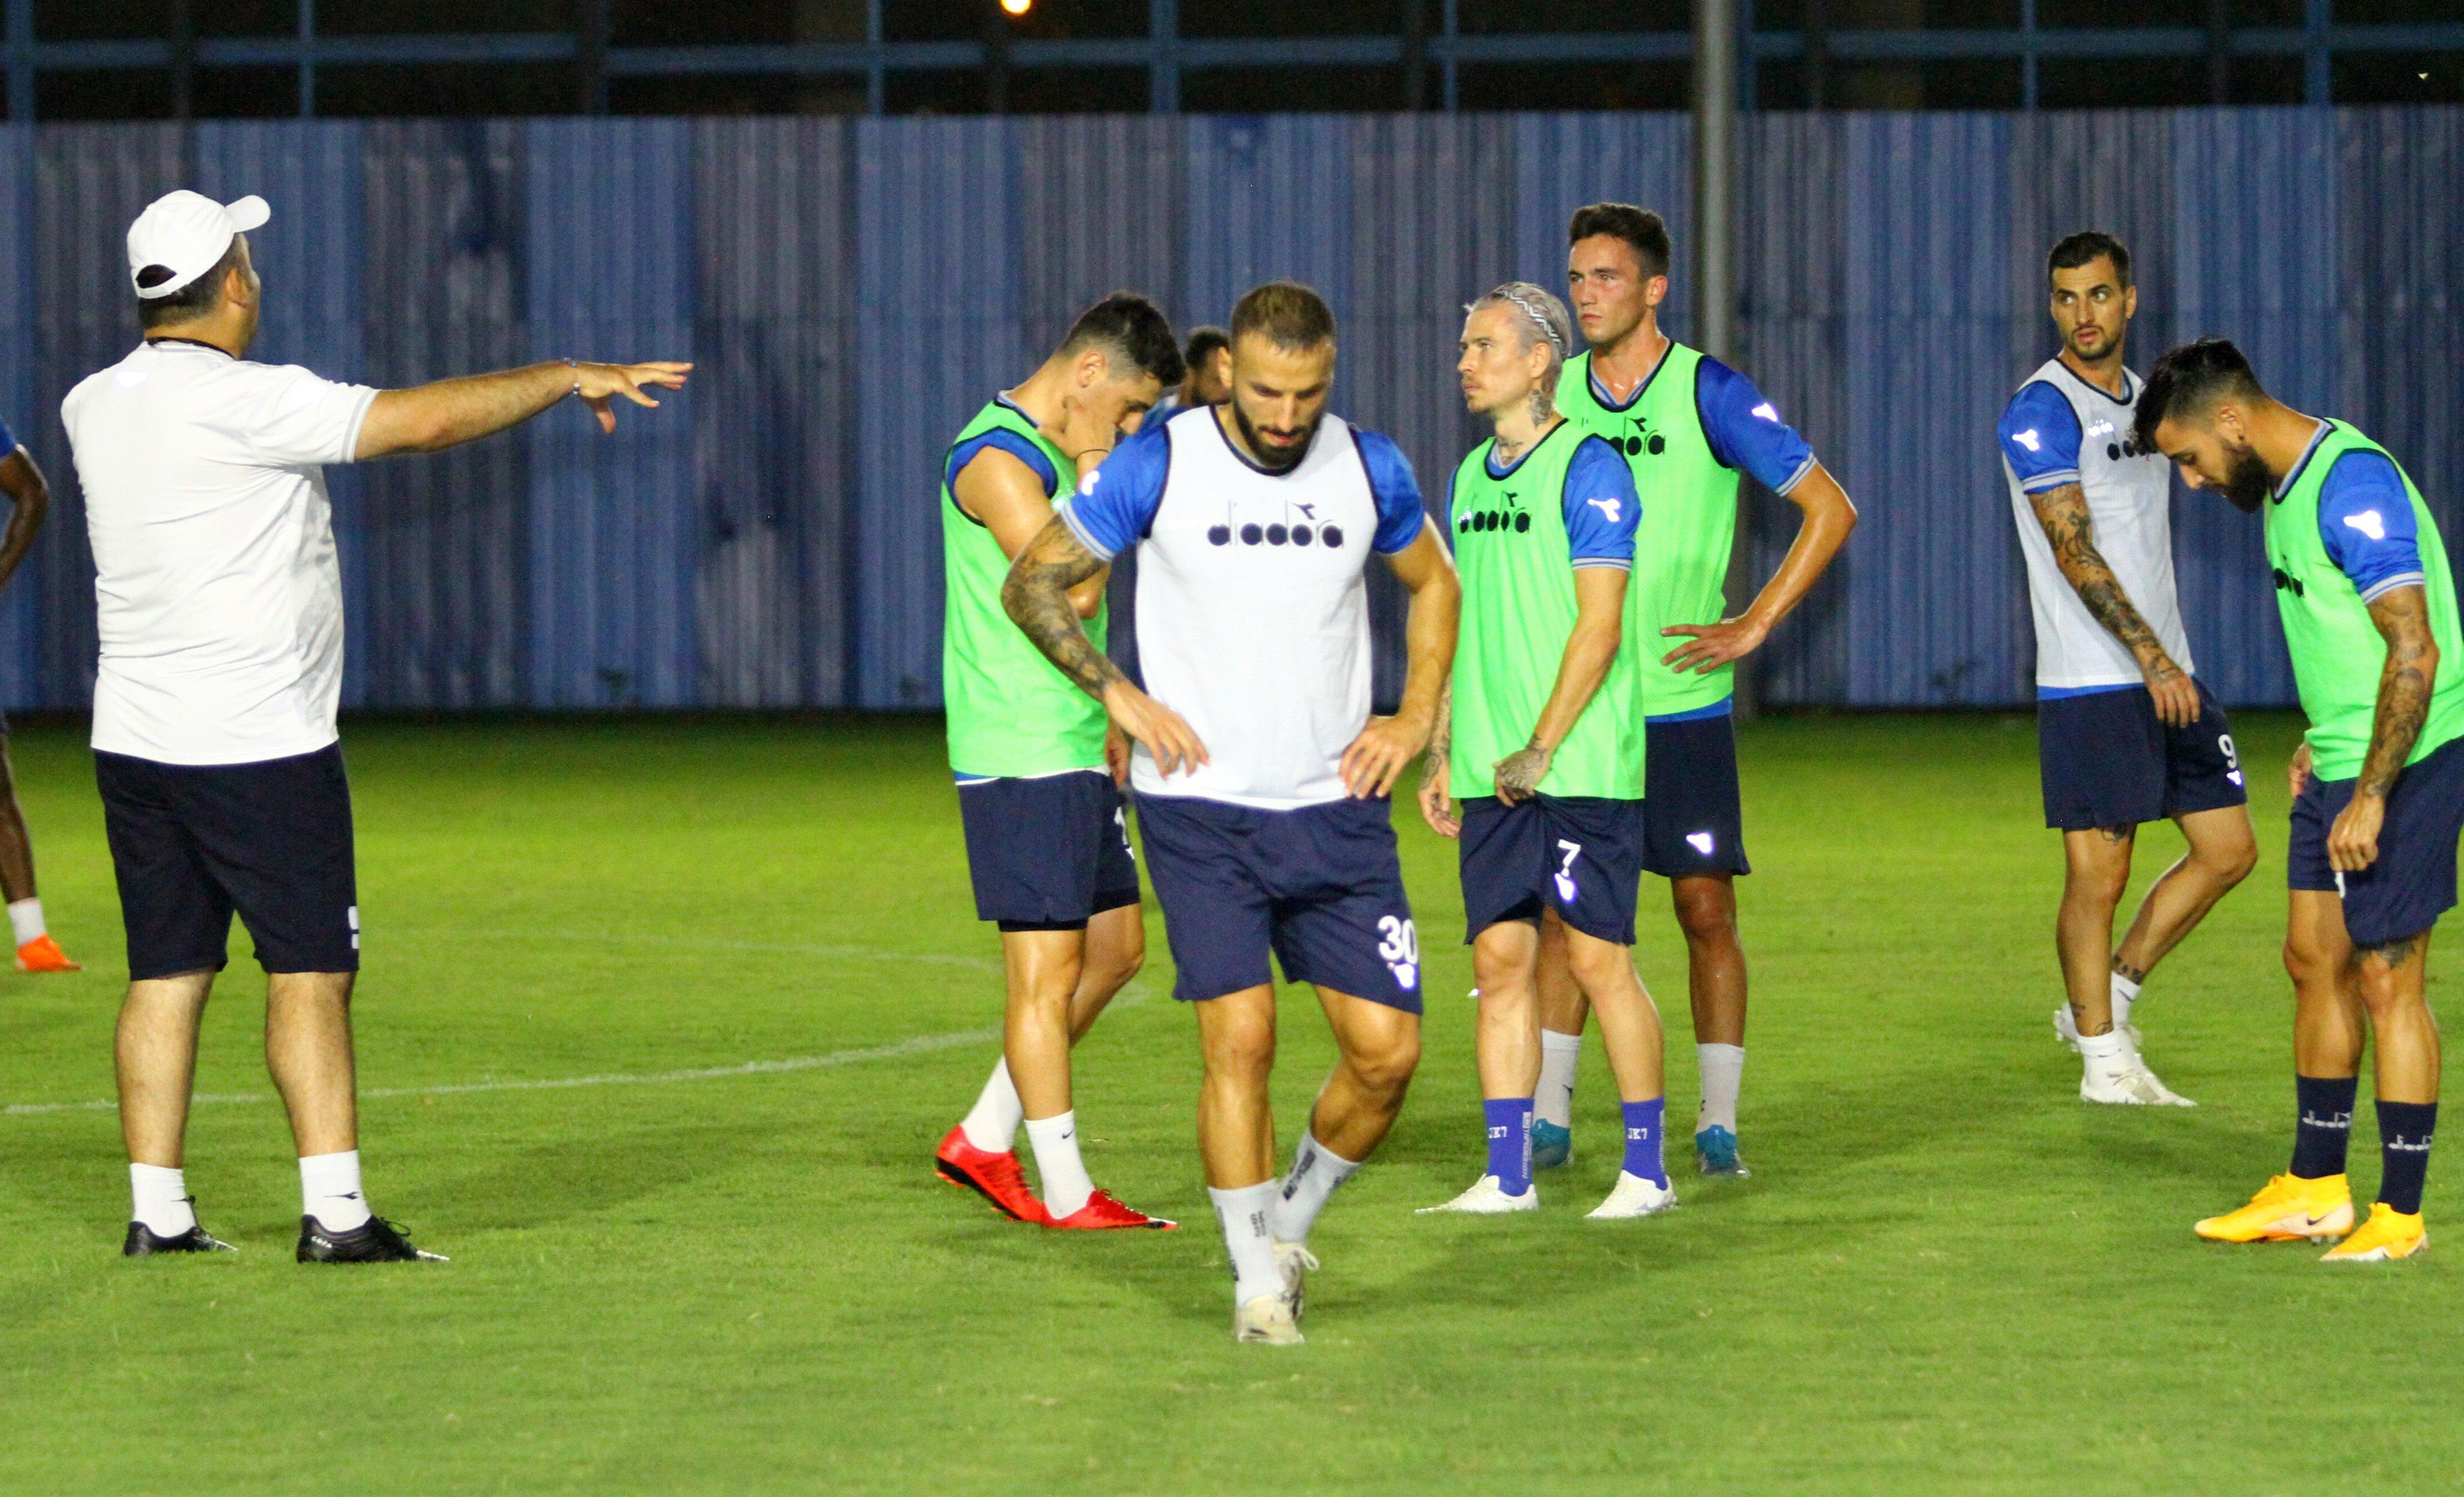 Adana Demirspor takımı, Ümit Özat yönetiminde çalışmalarını sürdürüyor.